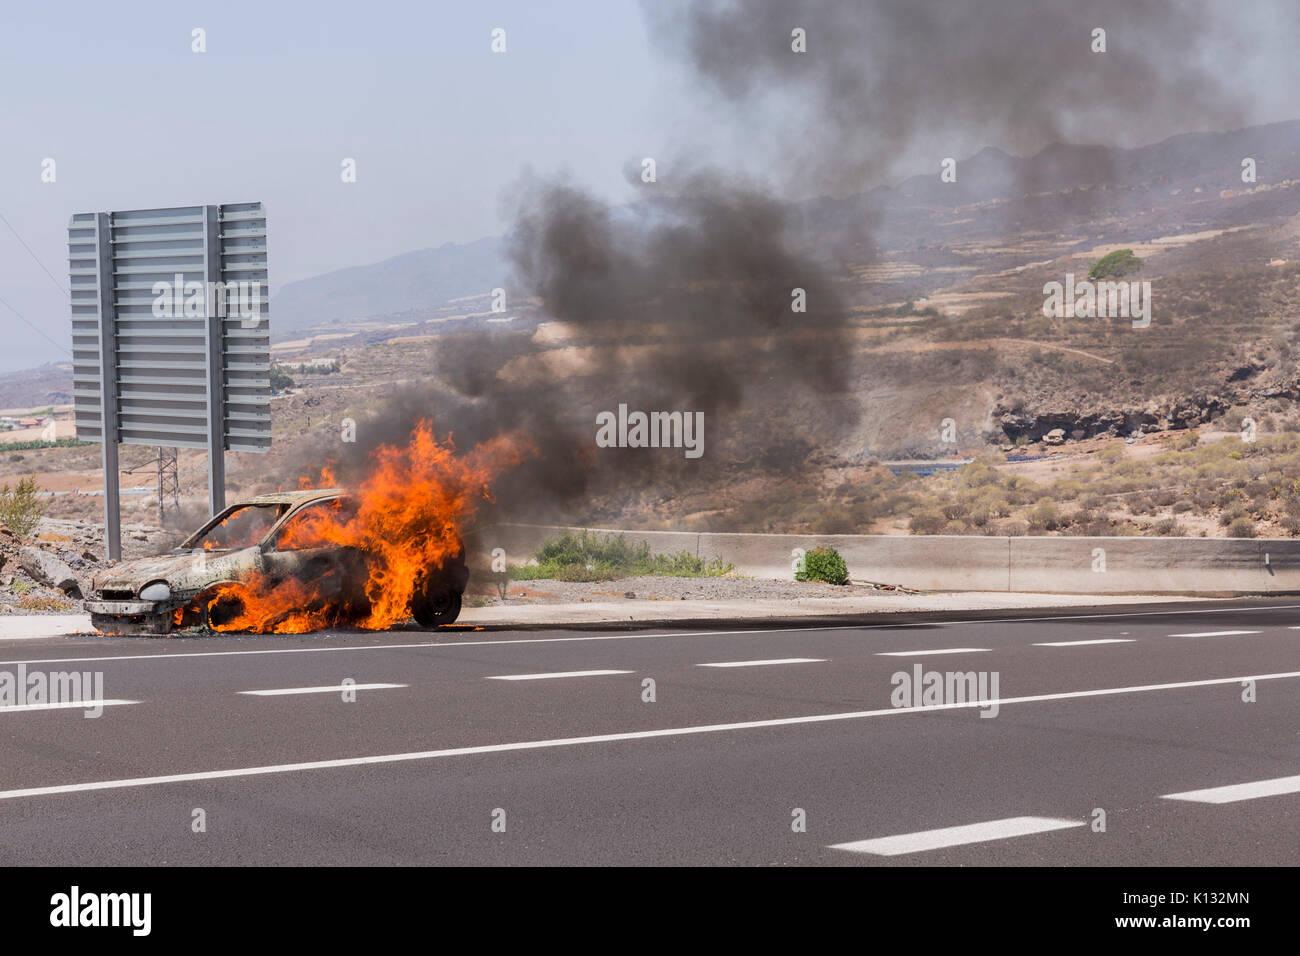 Opel Corsa en llamas a la vera del camino Imagen De Stock